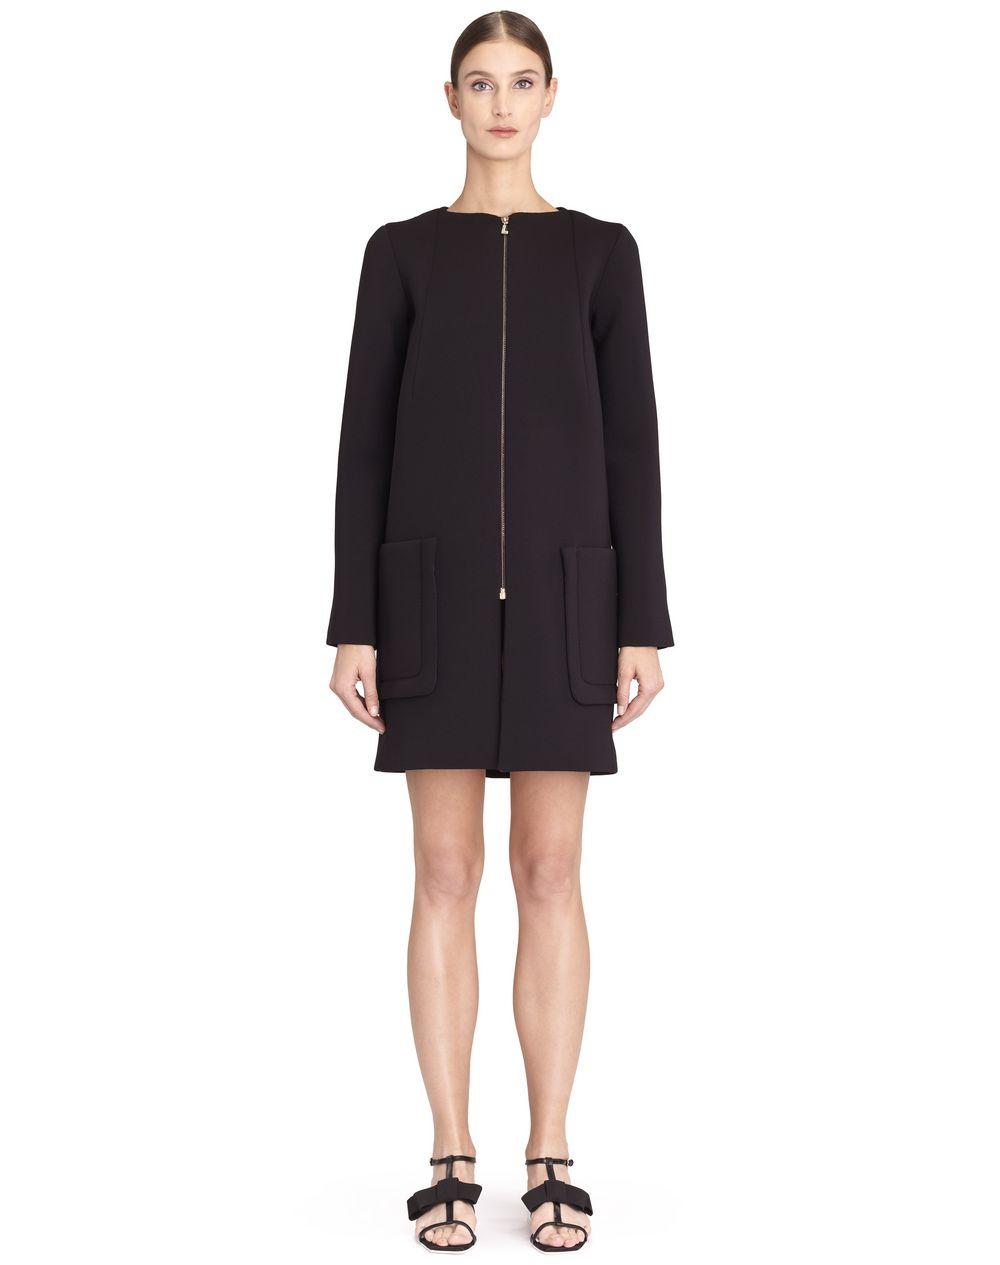 Manteau droit manches longues en néoprène noir Lanvin – Prix €1 990